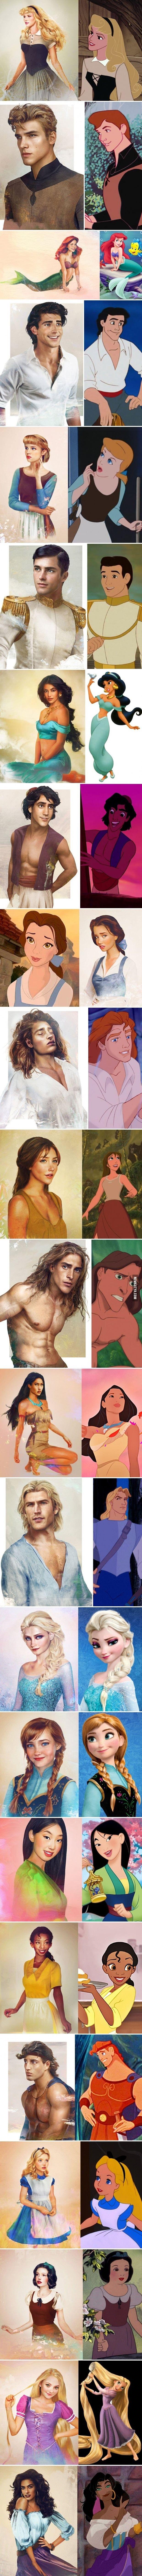 Disney szereplők a valóságban (Lányok, fiúk vegyesen) - NEMKUTYA